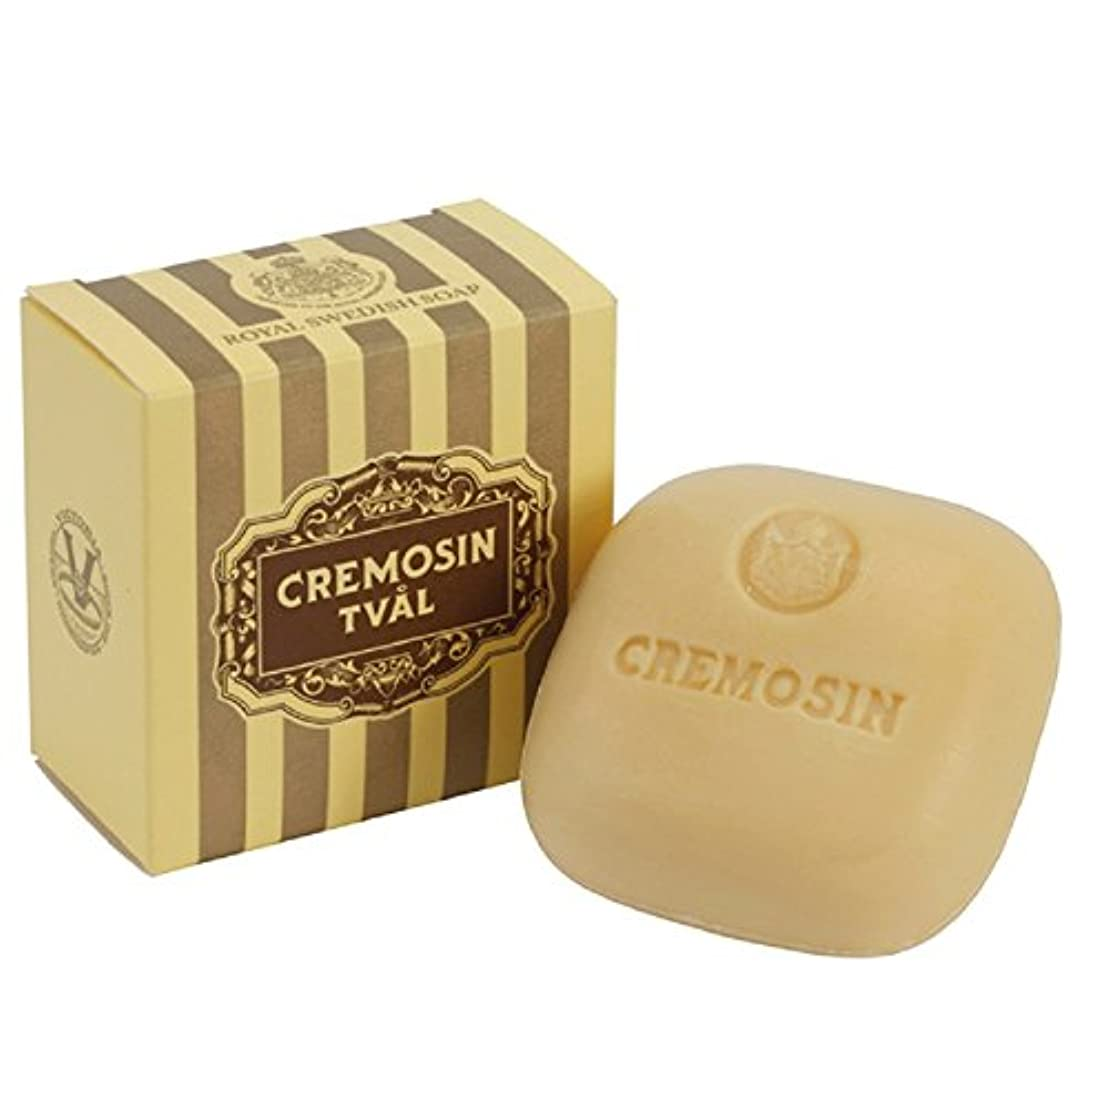 クリーナー援助血まみれVictoria Royal Swedish Cremosin Soap 95g ヴィクトリア クレモシンソープ 95g